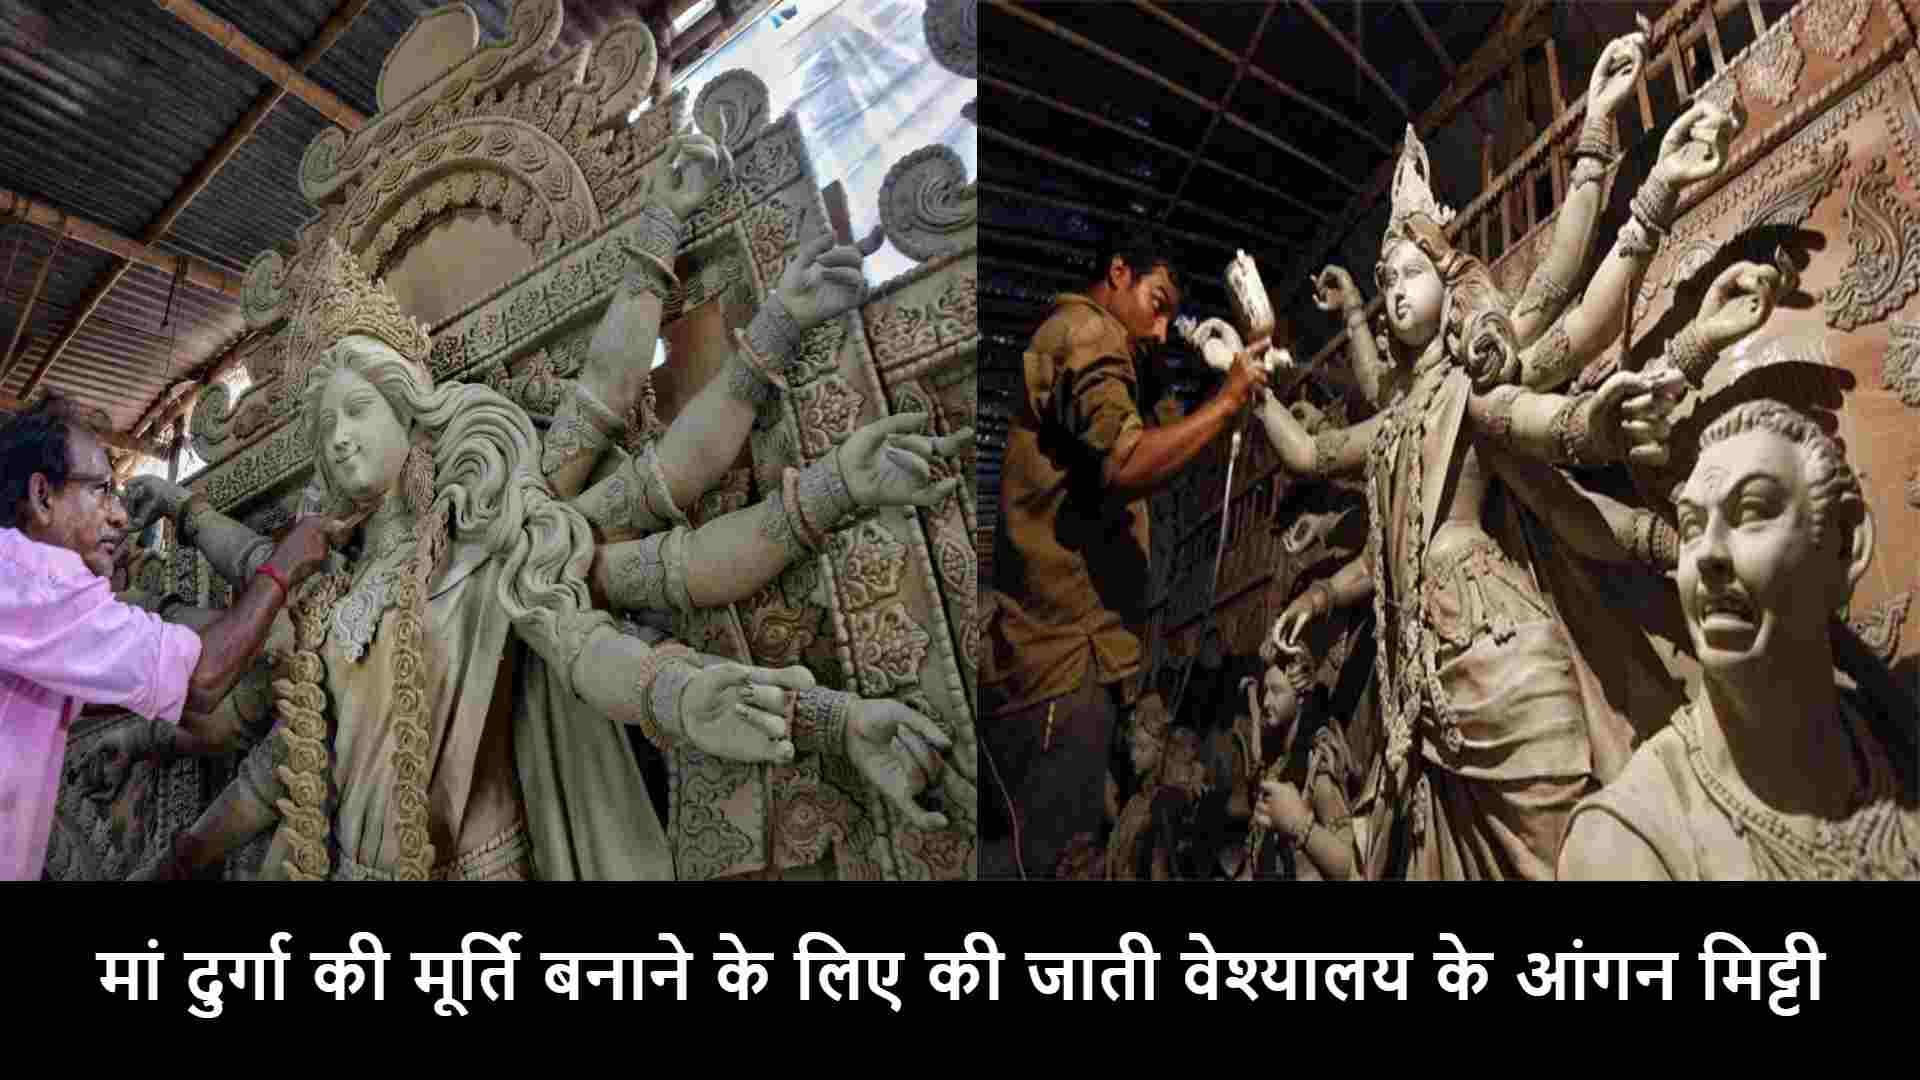 shardiya Navratri 2021, मां दुर्गा की मूर्ति बनाने के लिए ली जाती वेश्यालय के आंगन मिट्टी